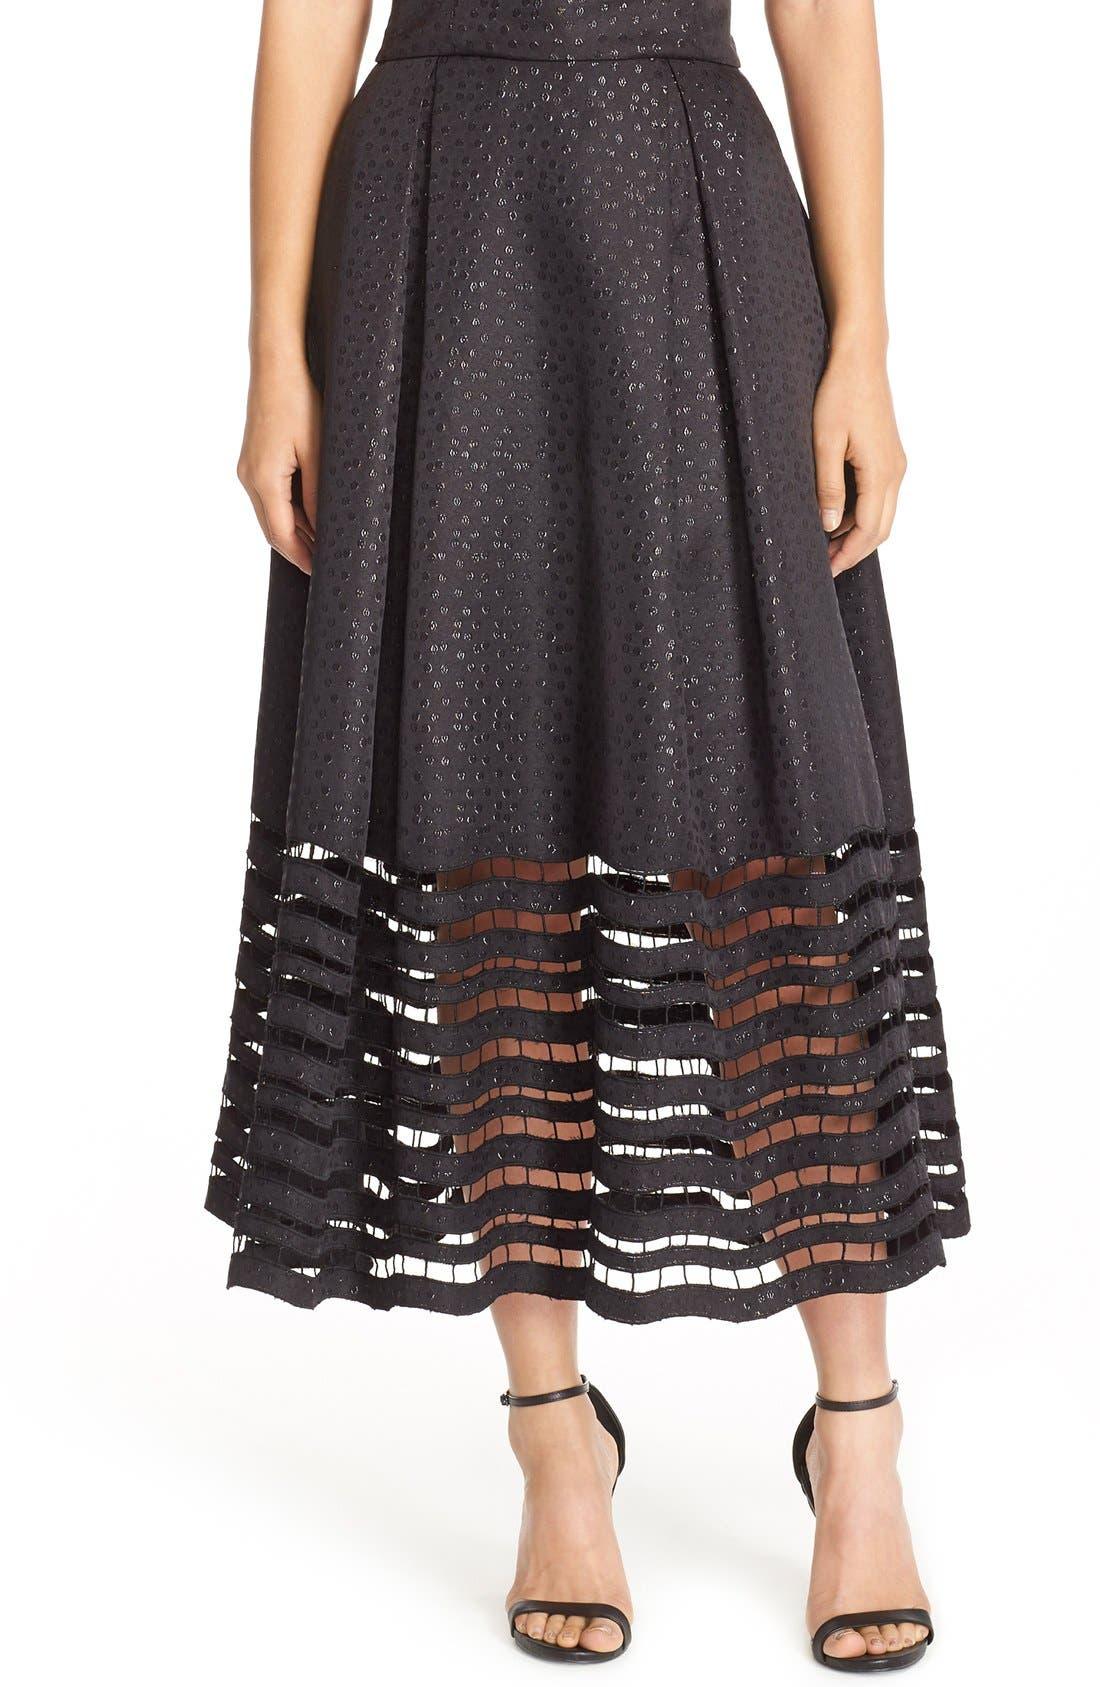 Main Image - Sachin & Babi Noir 'Dutch' Eyelet Metallic Jacquard Ball Skirt